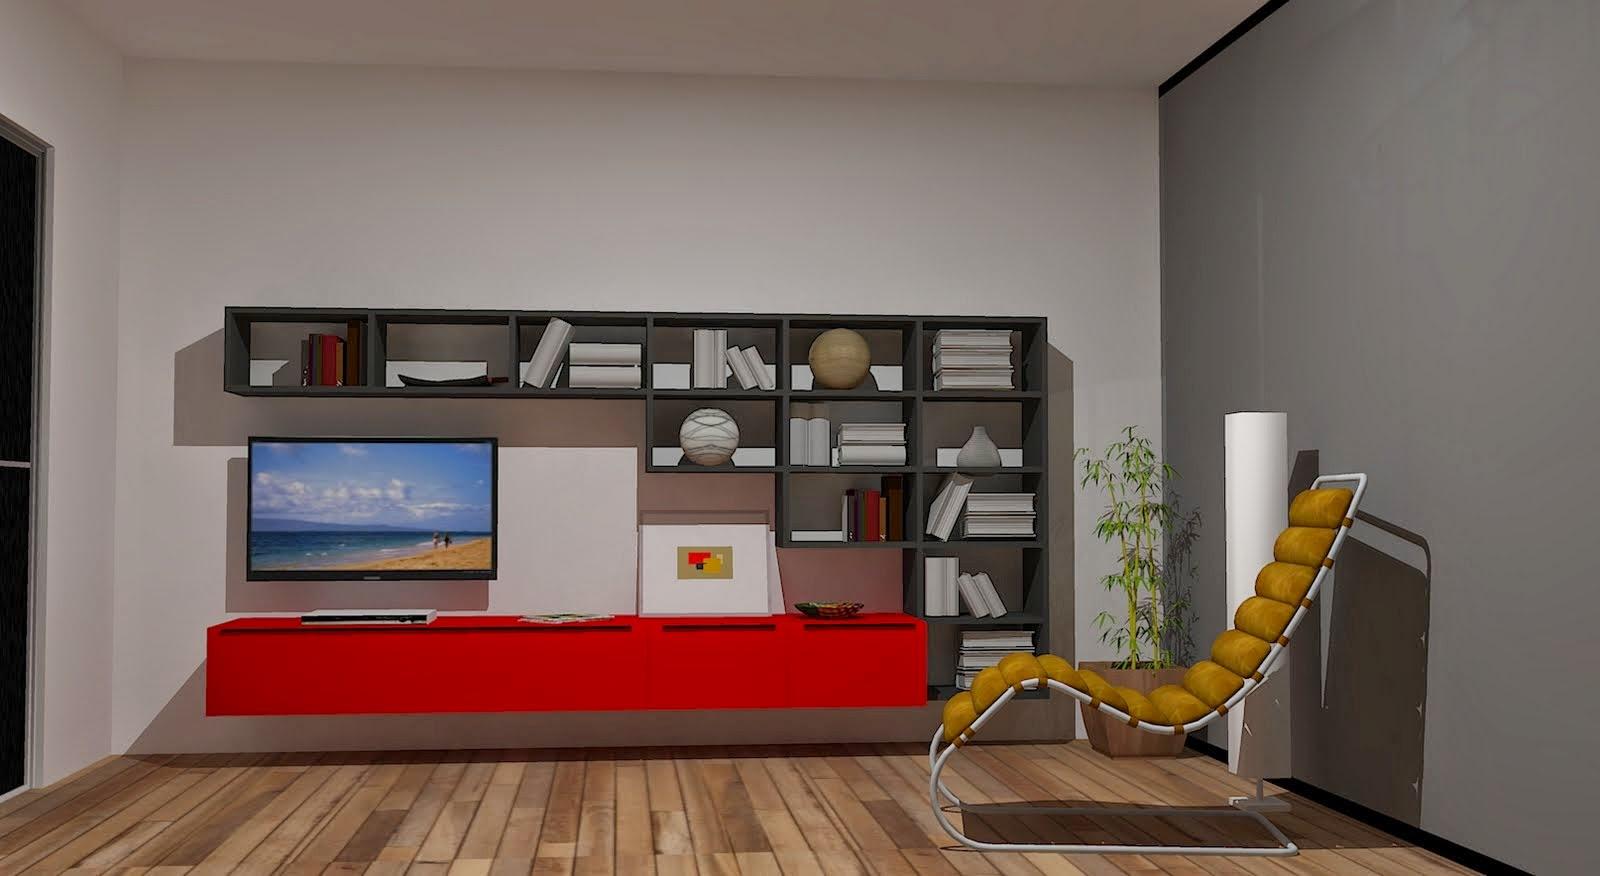 Estudios de espacios interiores arqrendering - Estudio de interiores ...